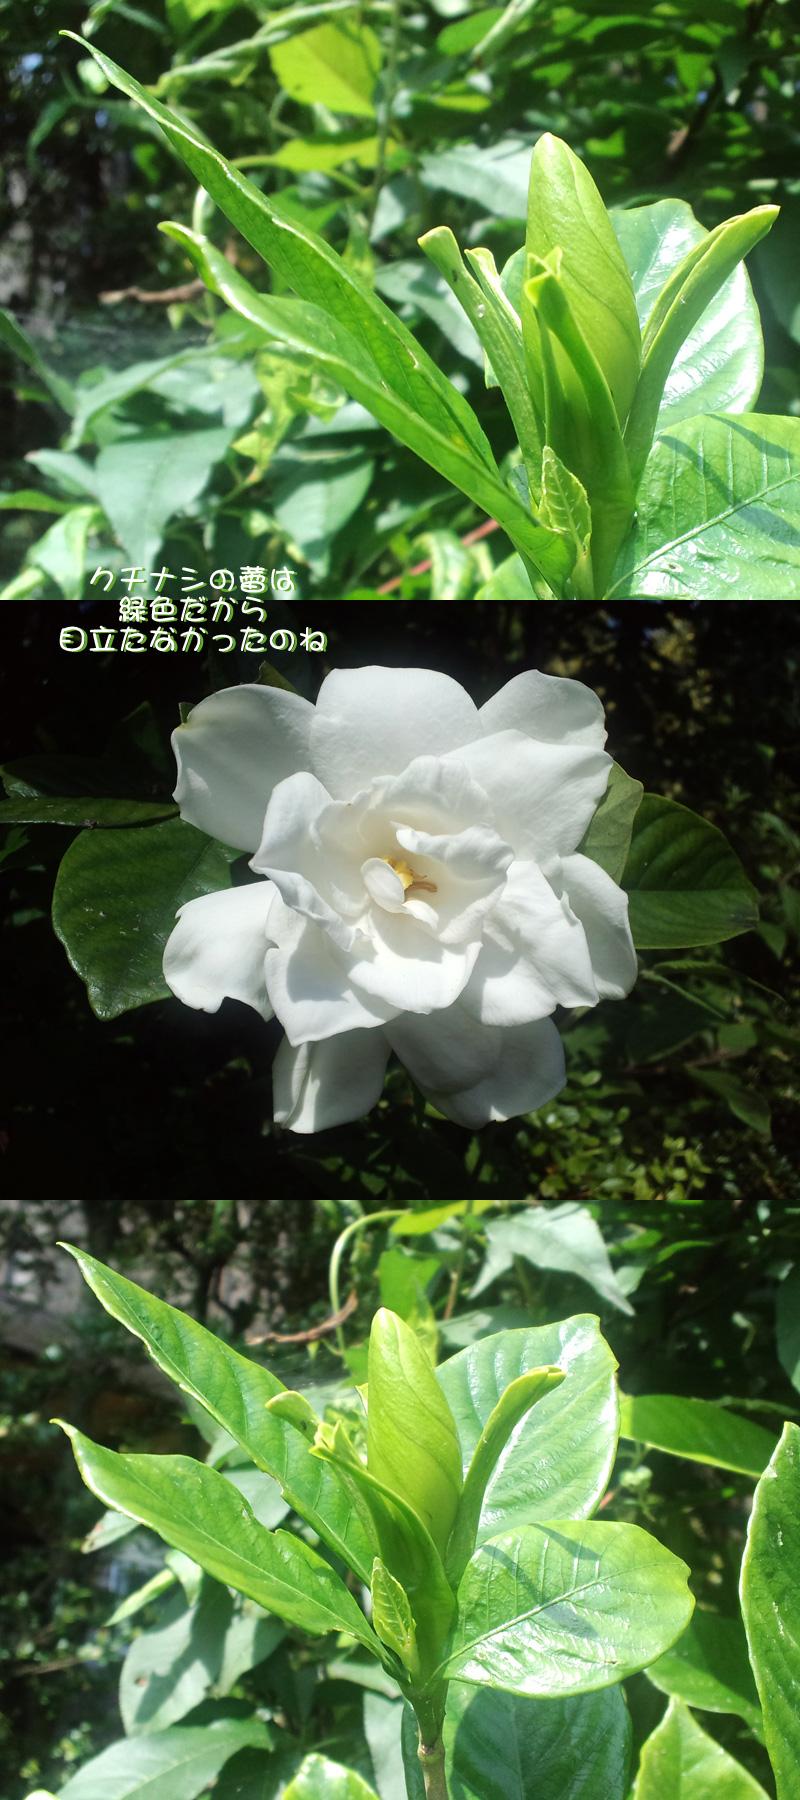 梔子の蕾だよ♪ 6/29